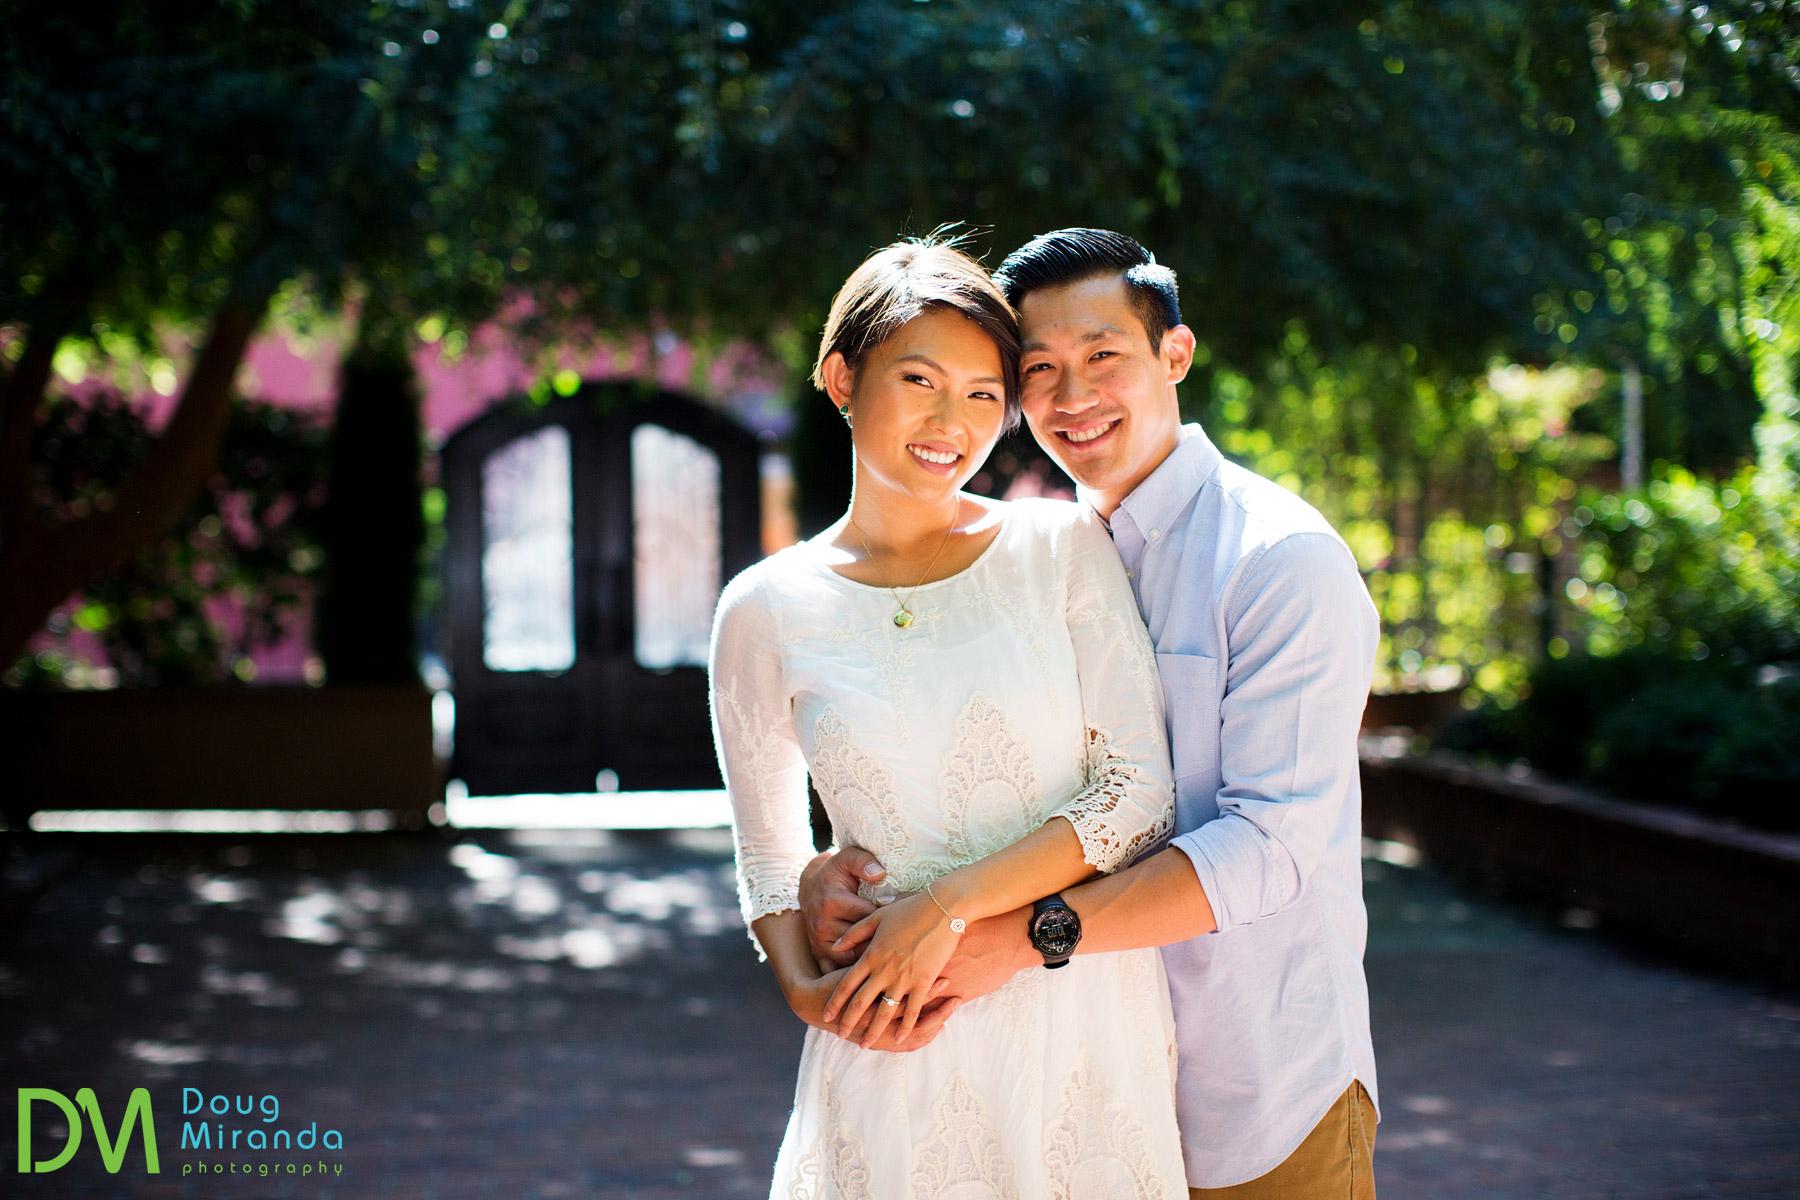 courtyard d'oro wedding photos